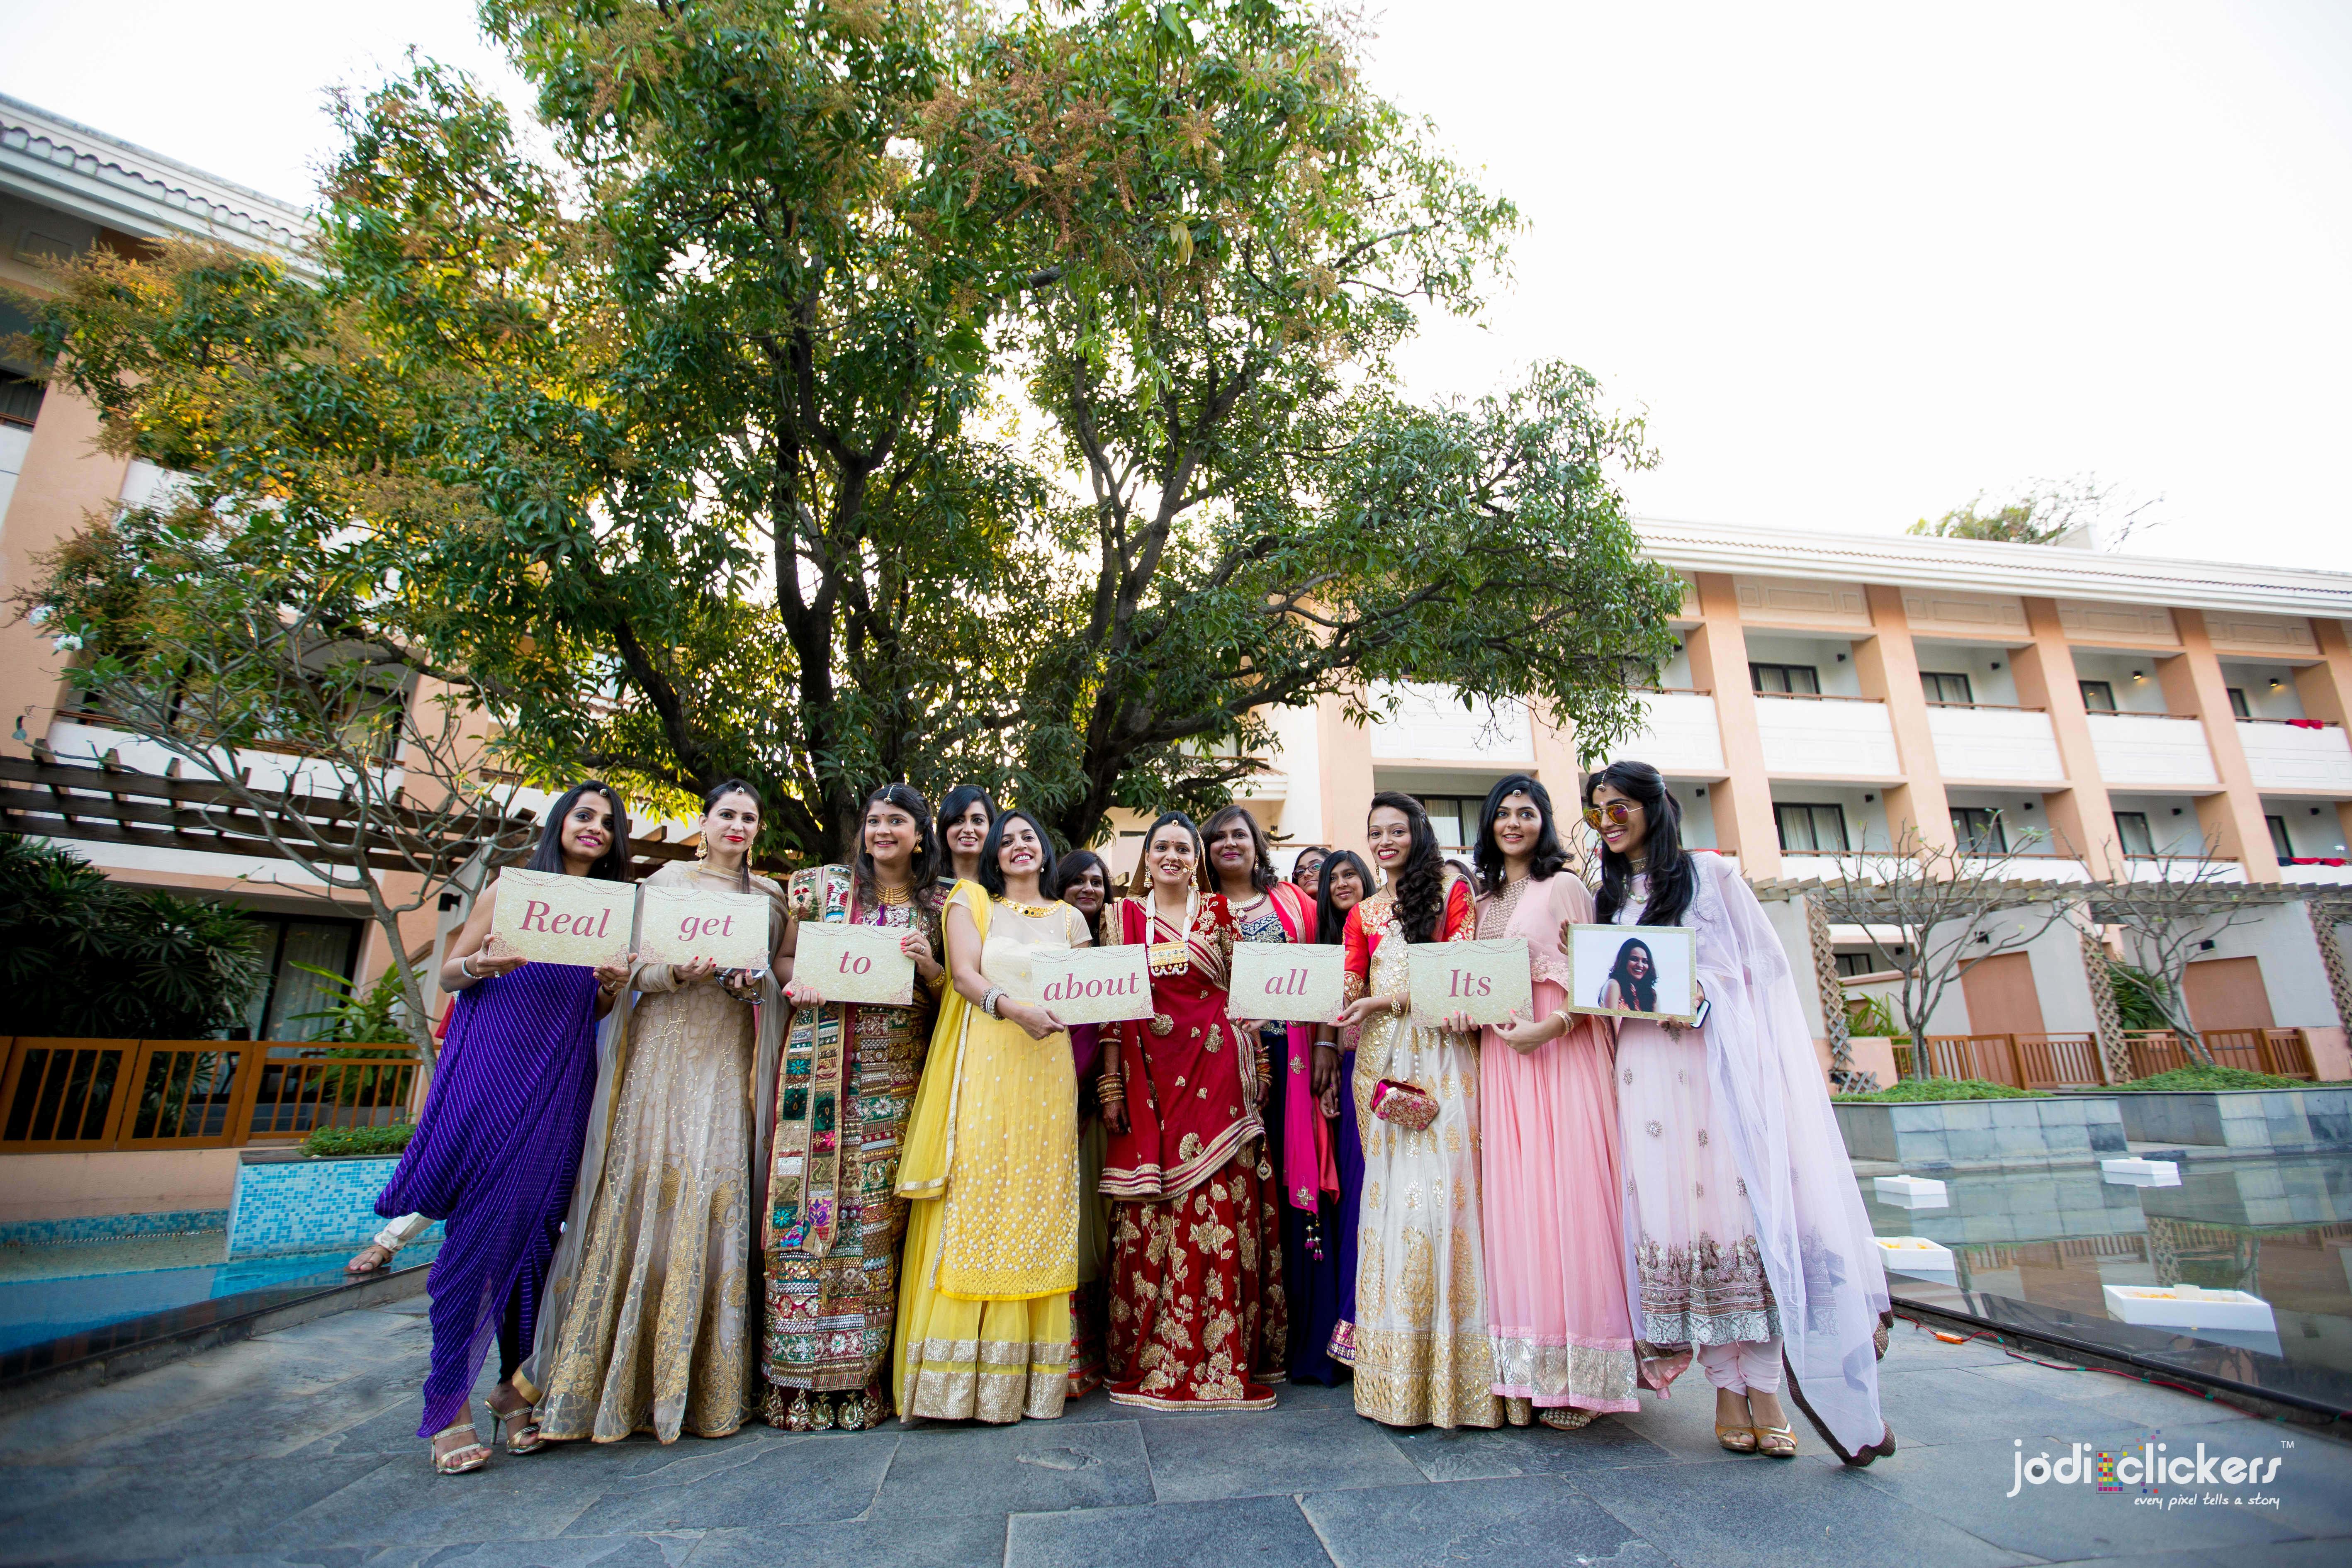 ankit & raksha!:jodi clickers, f5 advertainment, manish malhotra